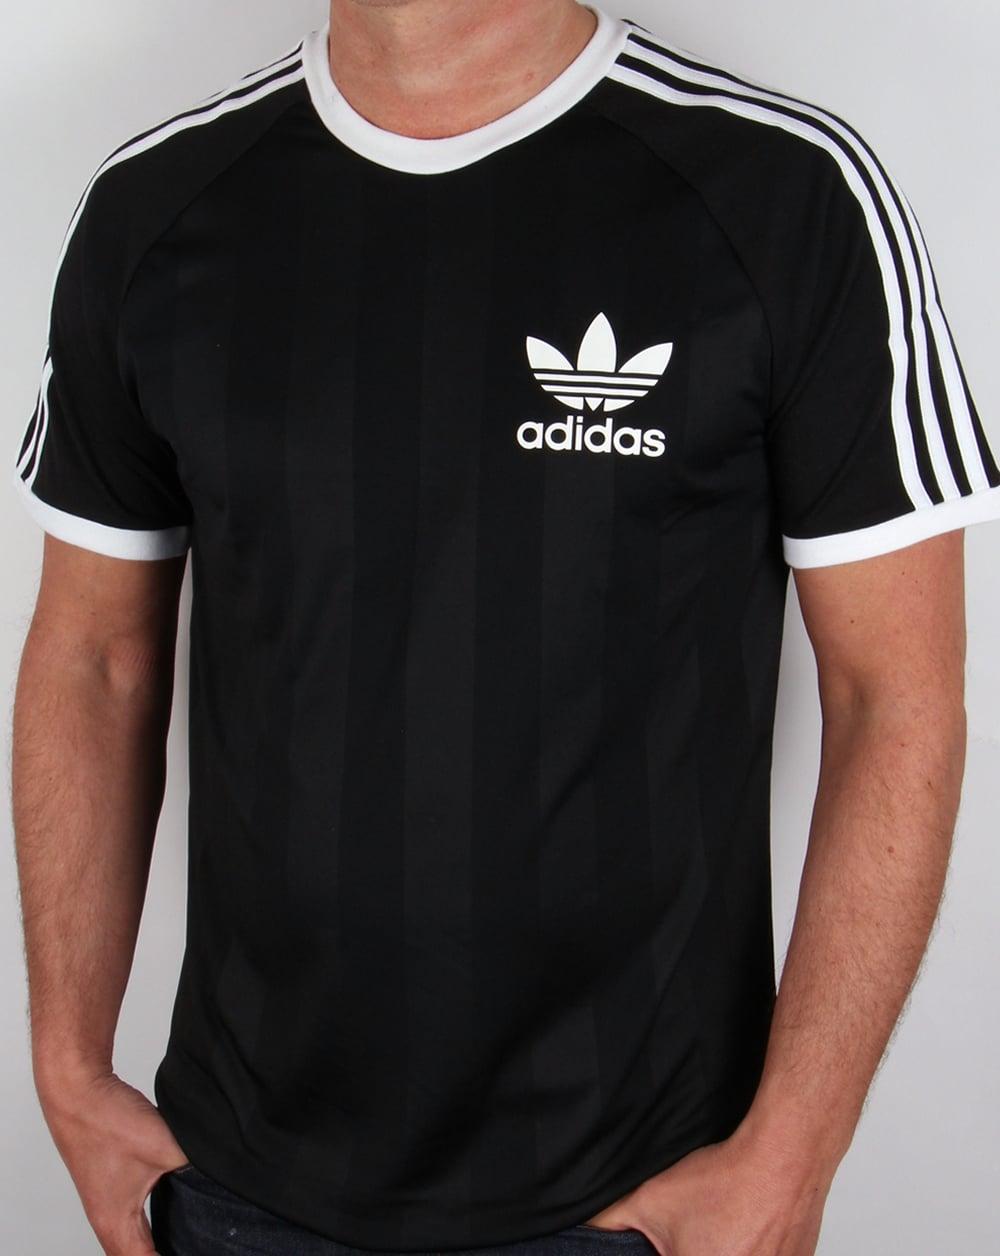 adidas black tshirt